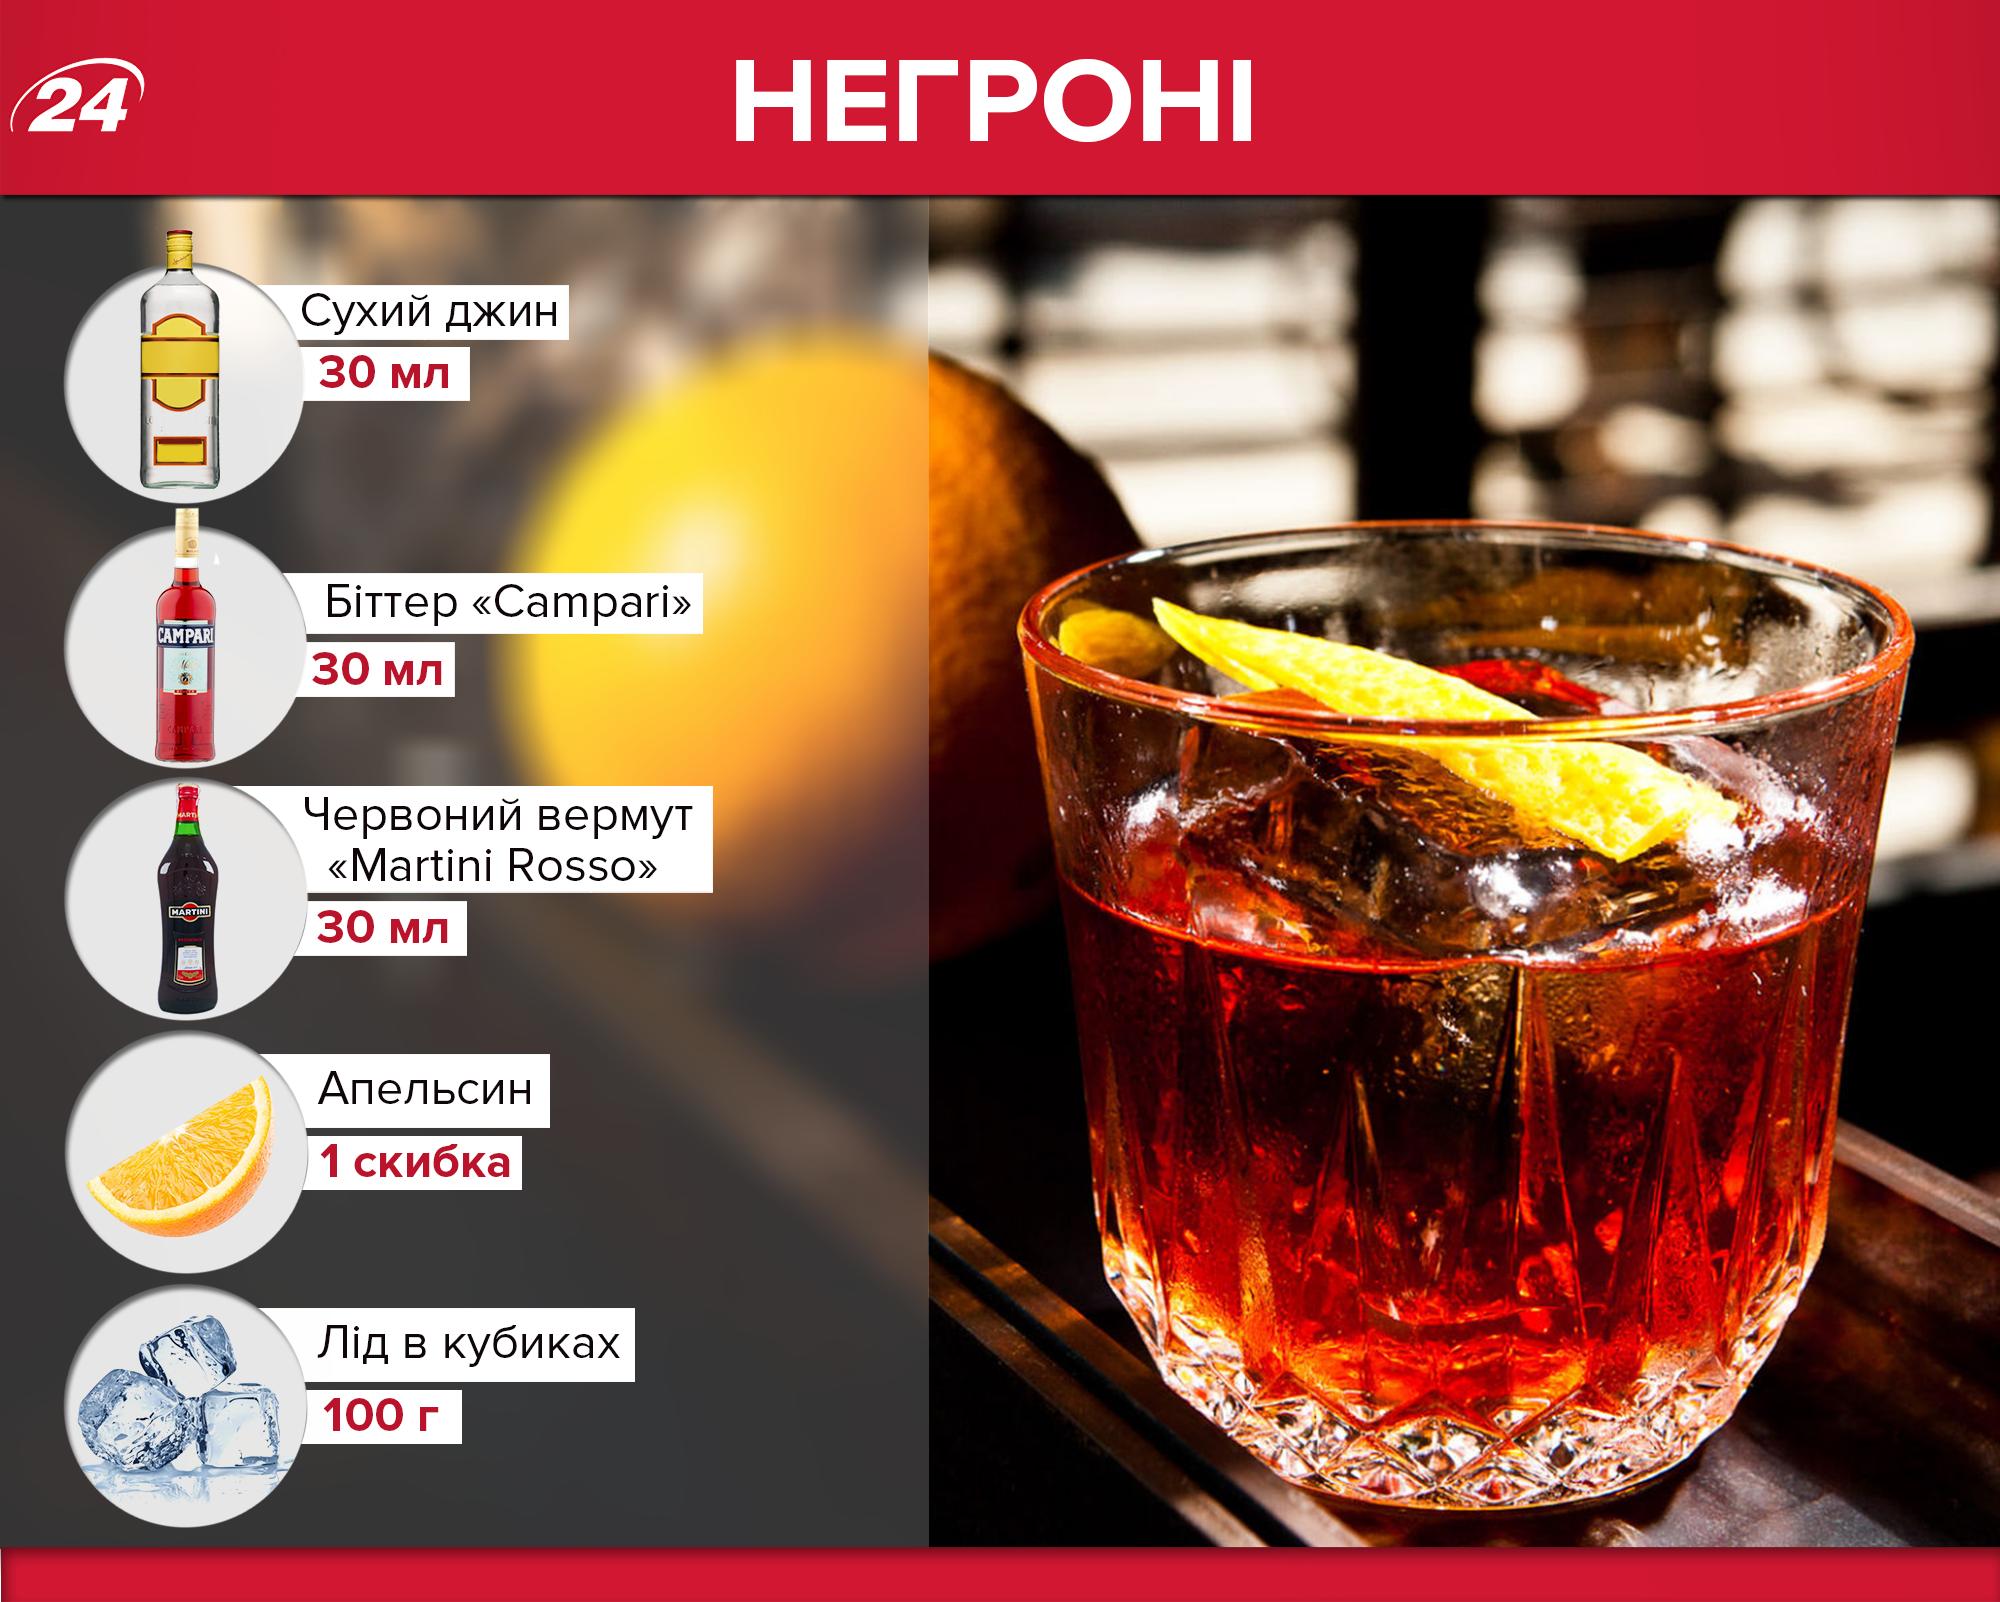 Яичный коктейль (алкогольный): рецепты приготовления